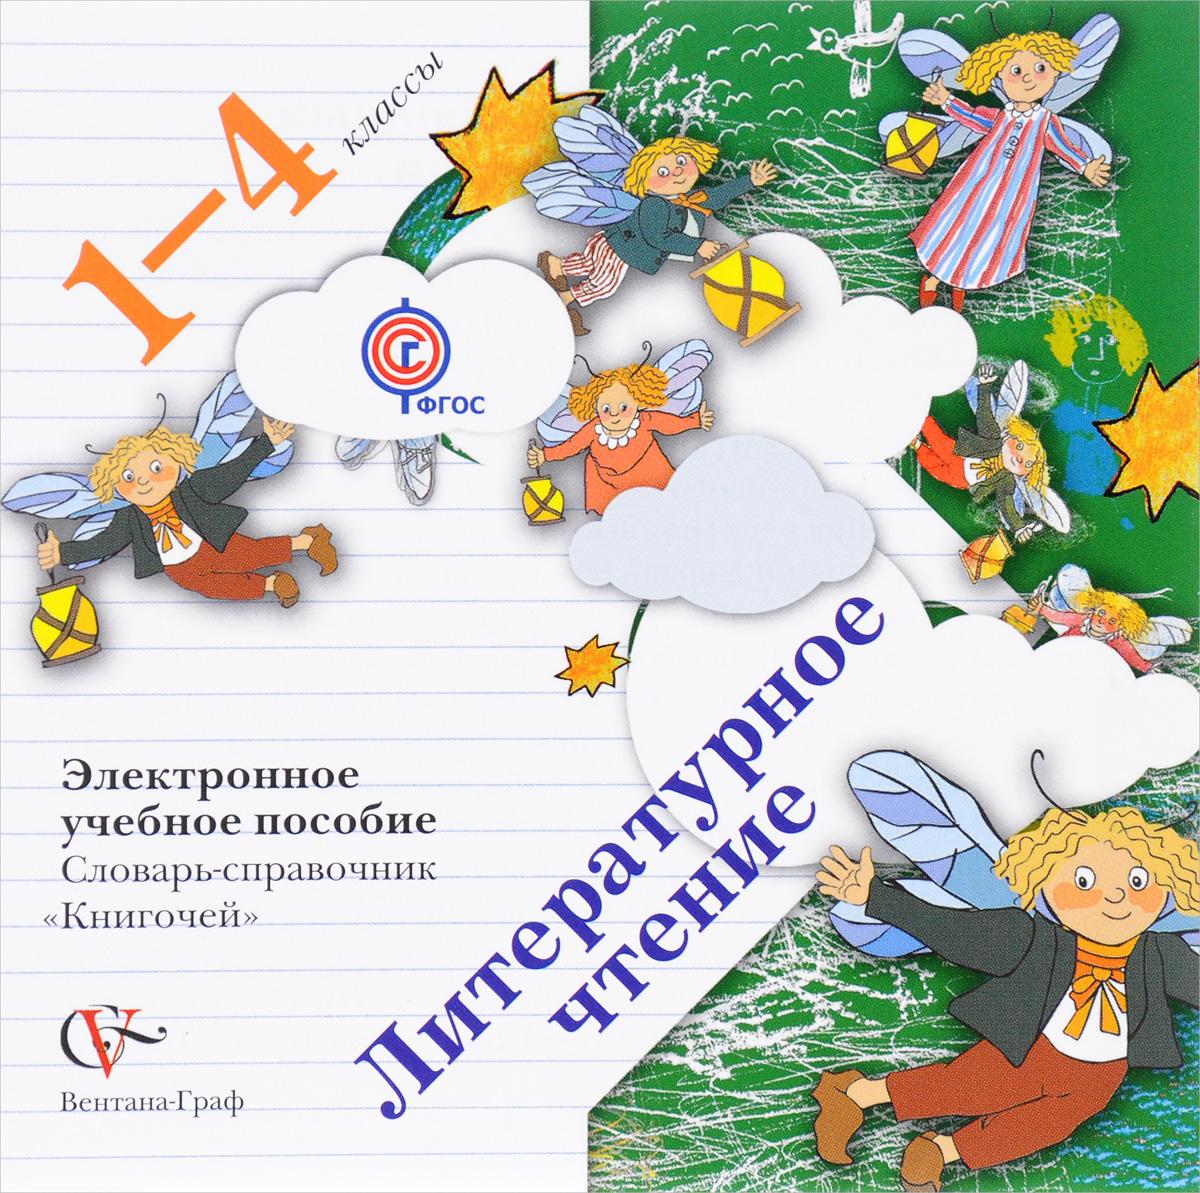 Литературное чтение. 1-4 классы. Словарь-справочник